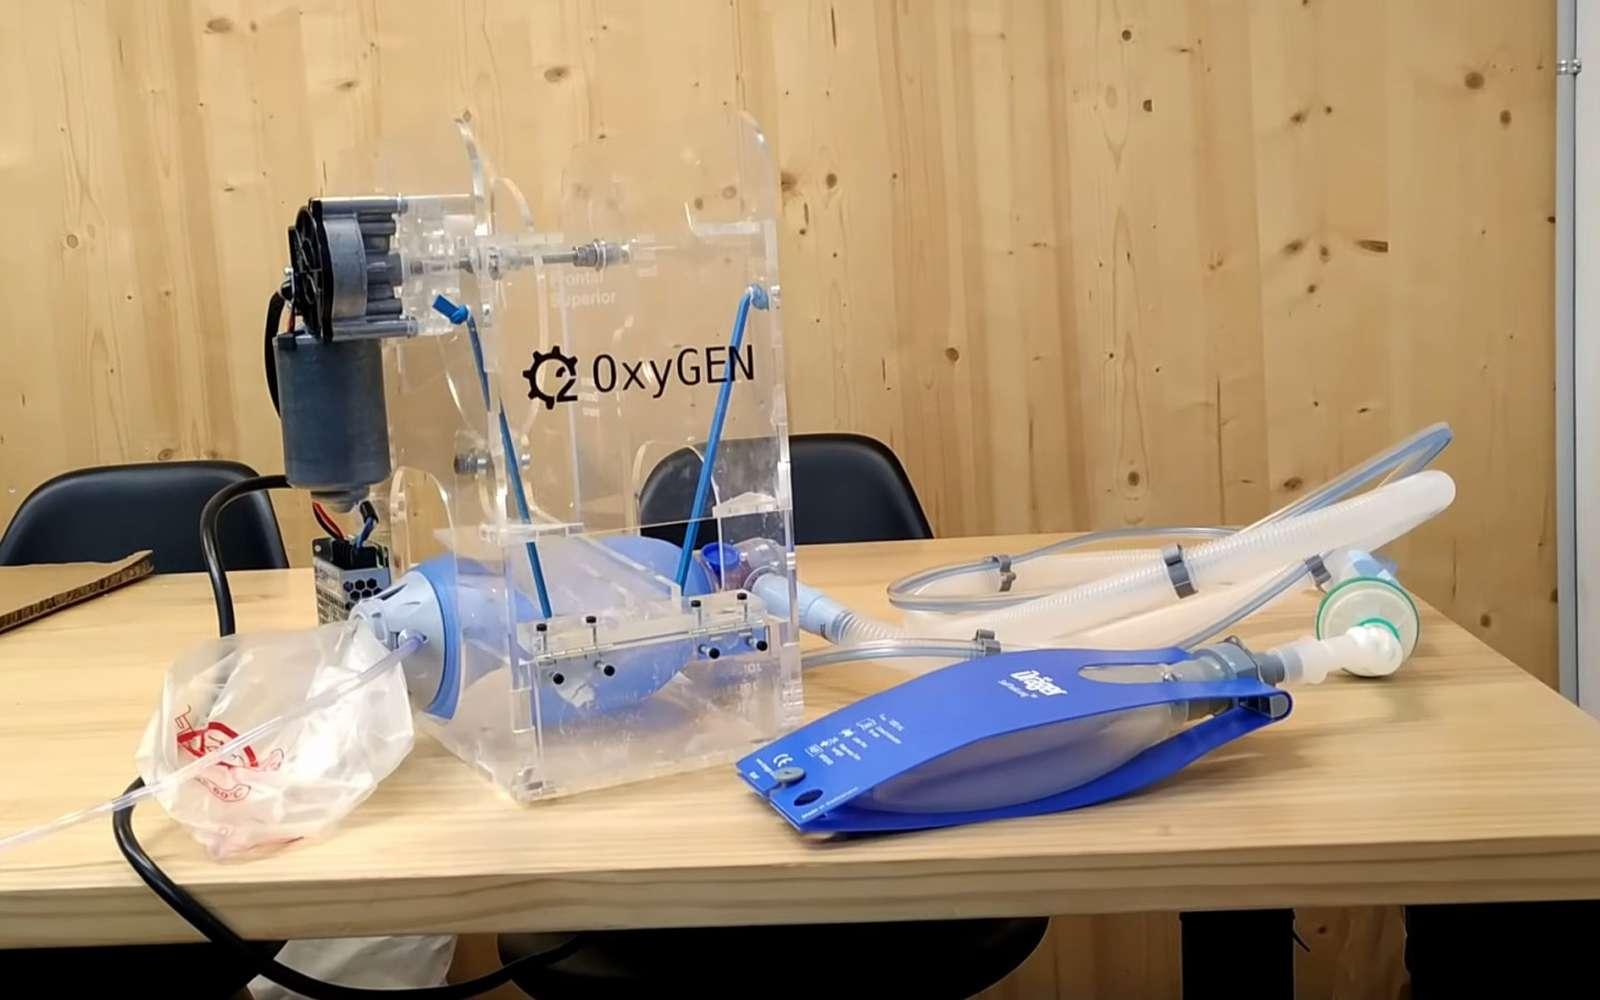 Le ventilateur OxyGEN qui actionne un insufflateur manuel. © Protofy.xyz